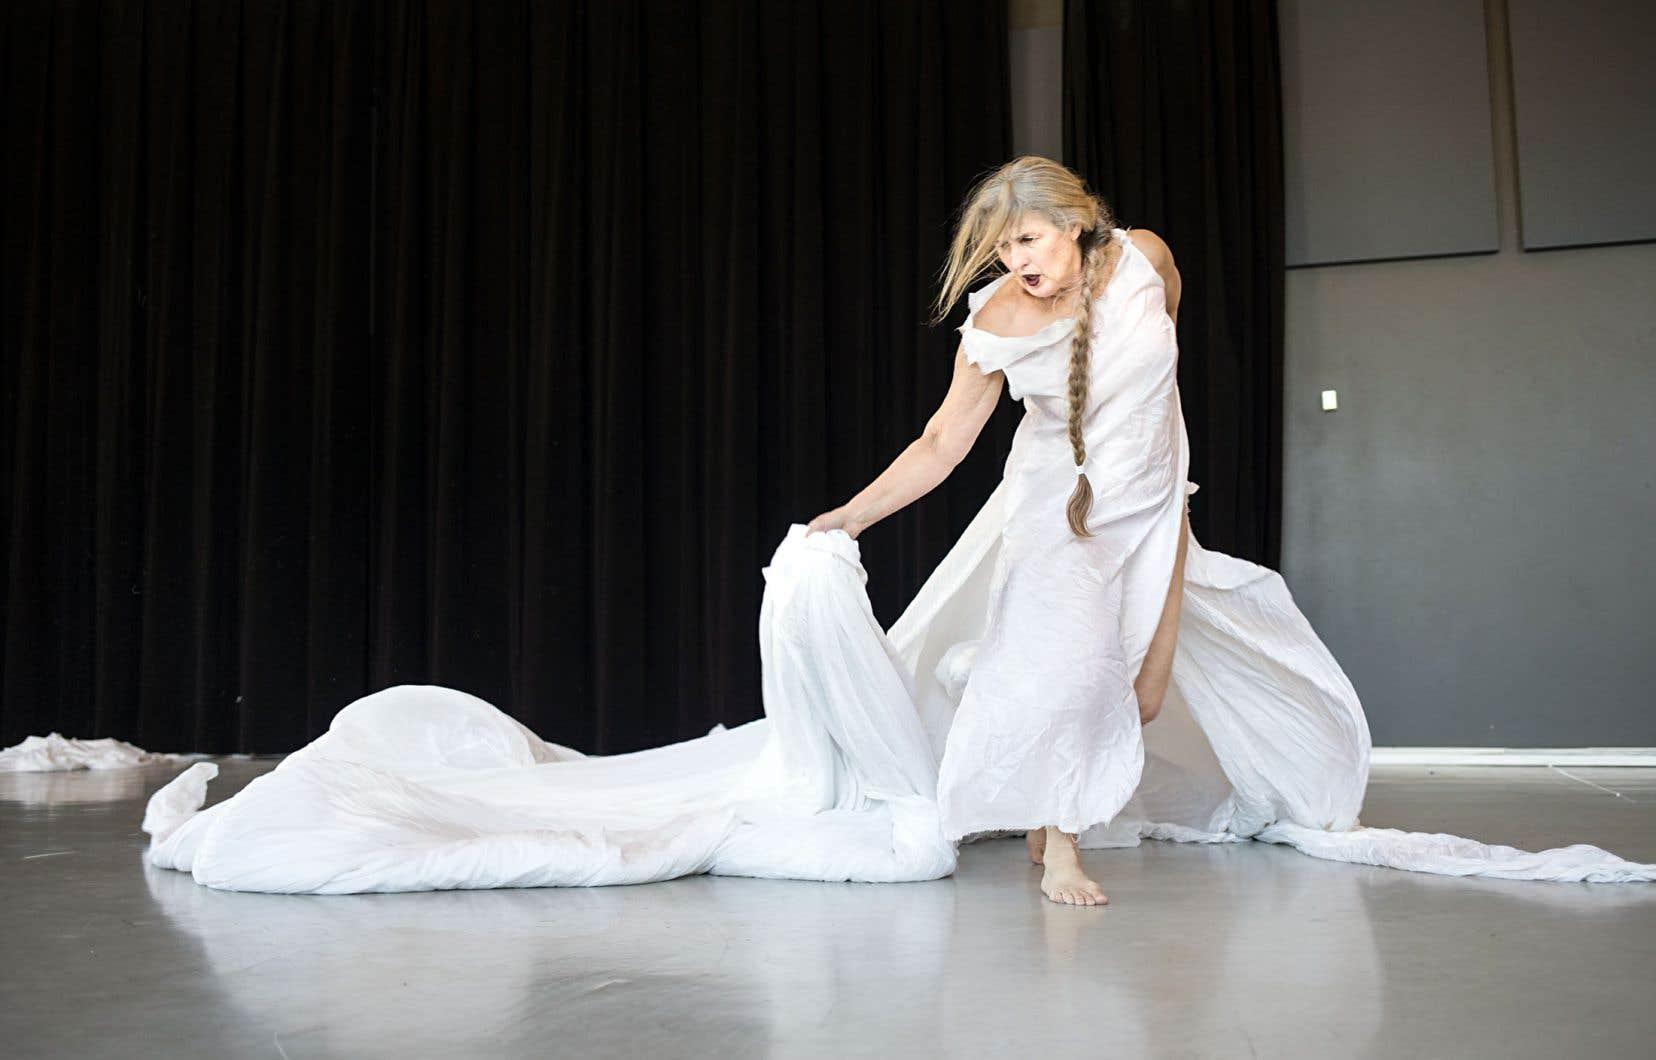 La danseuse étoile porte une vision que ne renieraient pas les penseuses ancestrales. Celle d'une puissance féminine, d'un pouvoir matriarcal à recouvrer, de liens entre la nature, le corps, le physique, la physique, le spirituel, la vision créatrice, la guérison, et le changement, peut-être plus nécessaire, pour l'avenir de la planète, aujourd'hui que jamais.